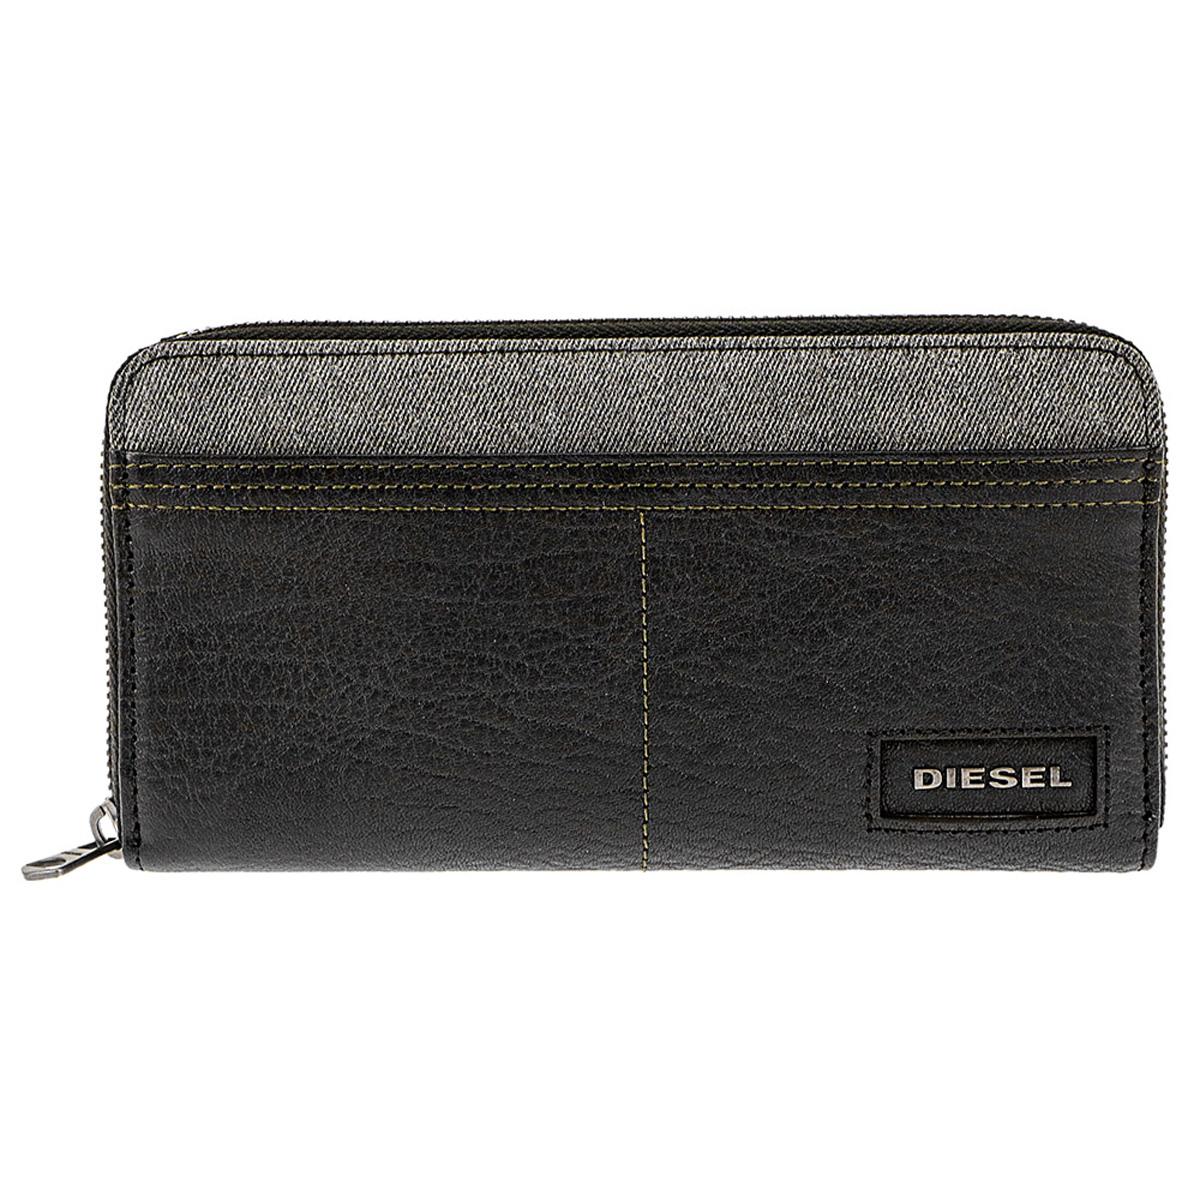 ディーゼル DIESEL 財布 X05573 PR185 H6027 小銭入れ付き ラウンドファスナー 長財布 BLACK ブラック